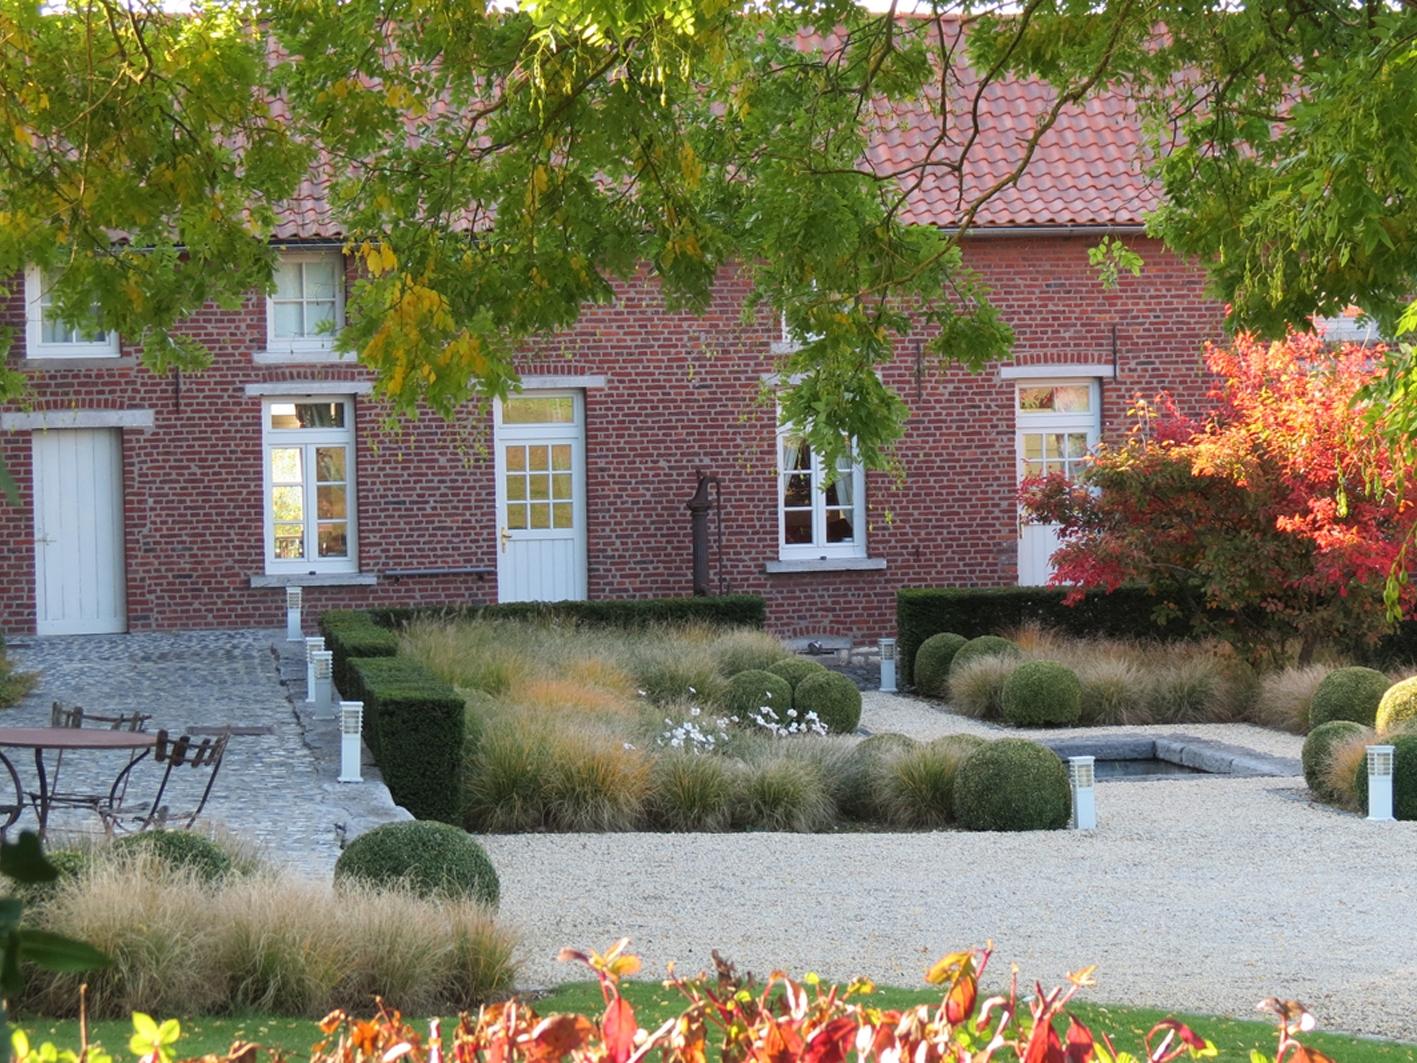 Cour de ferme entièrement réaménagée en « cour jardin »